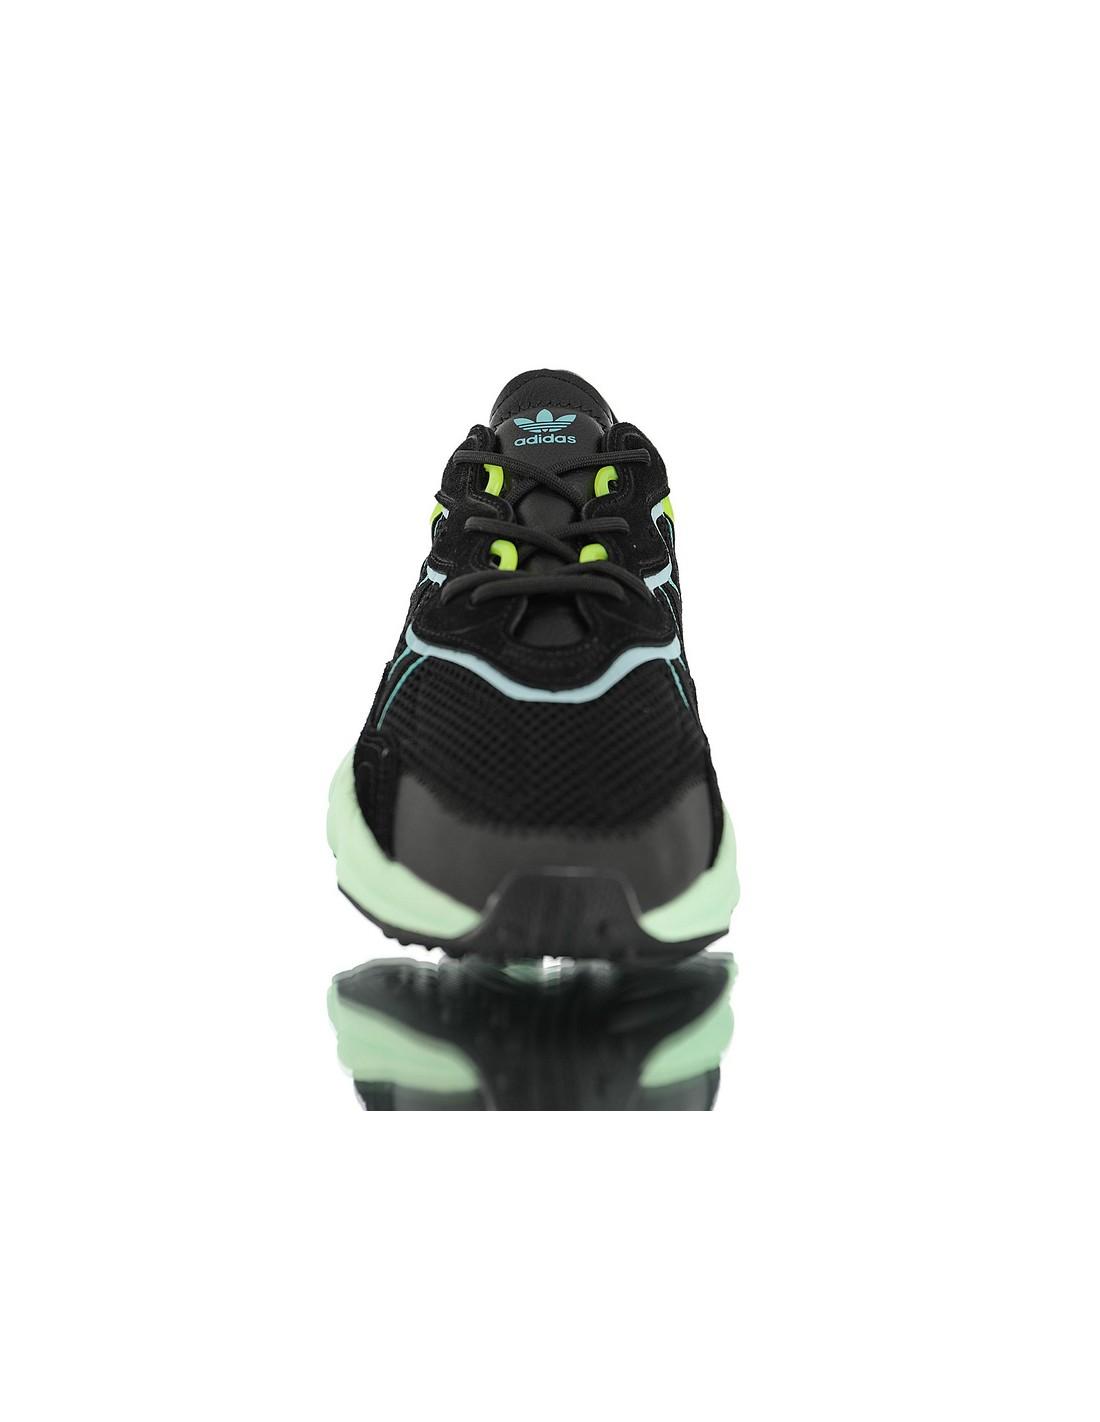 Adidas Ozweego Men's & Women's Shoe